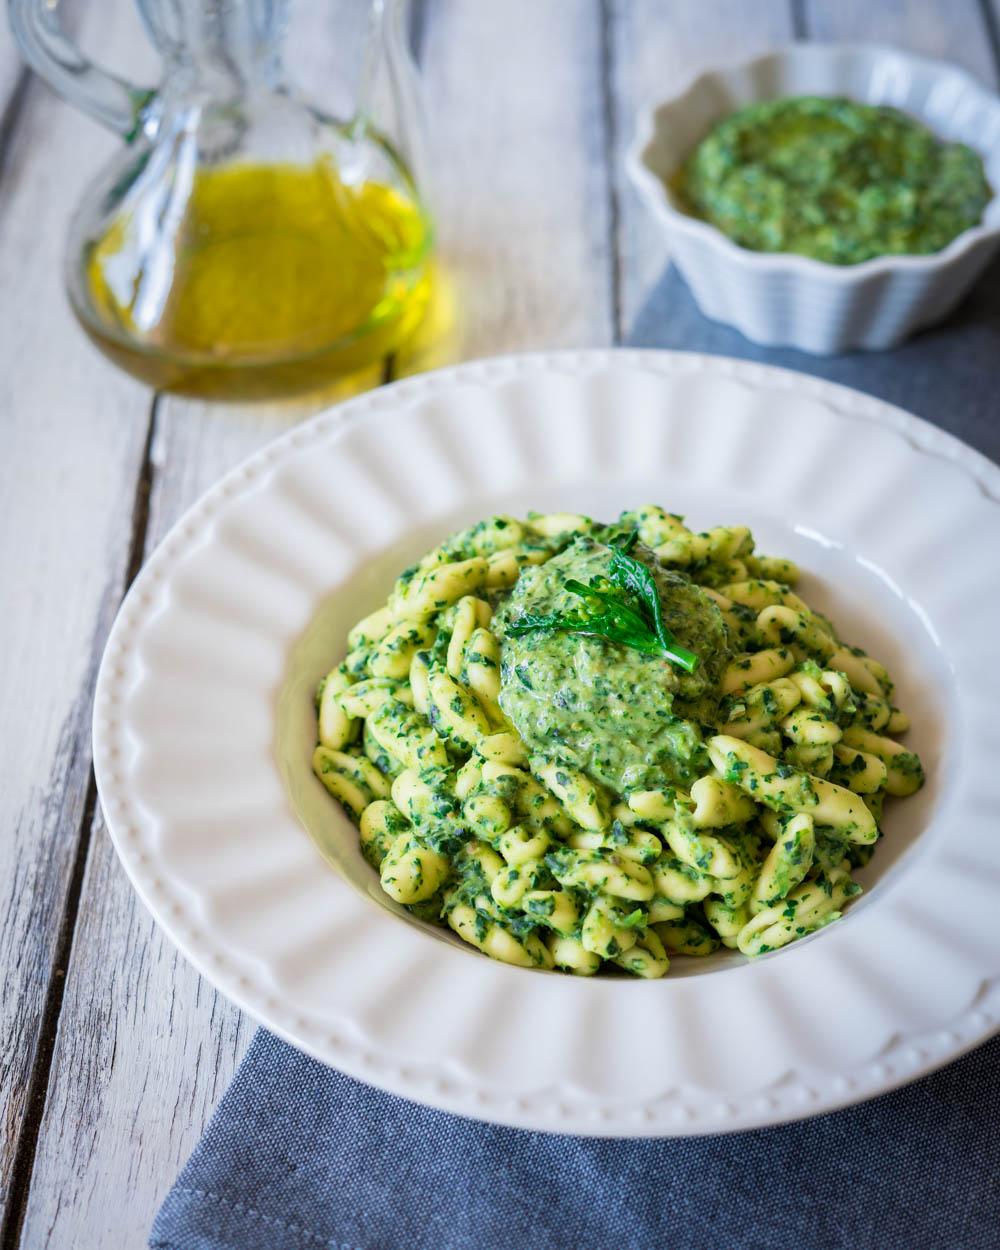 Pasta al pesto di broccoletti e rucola